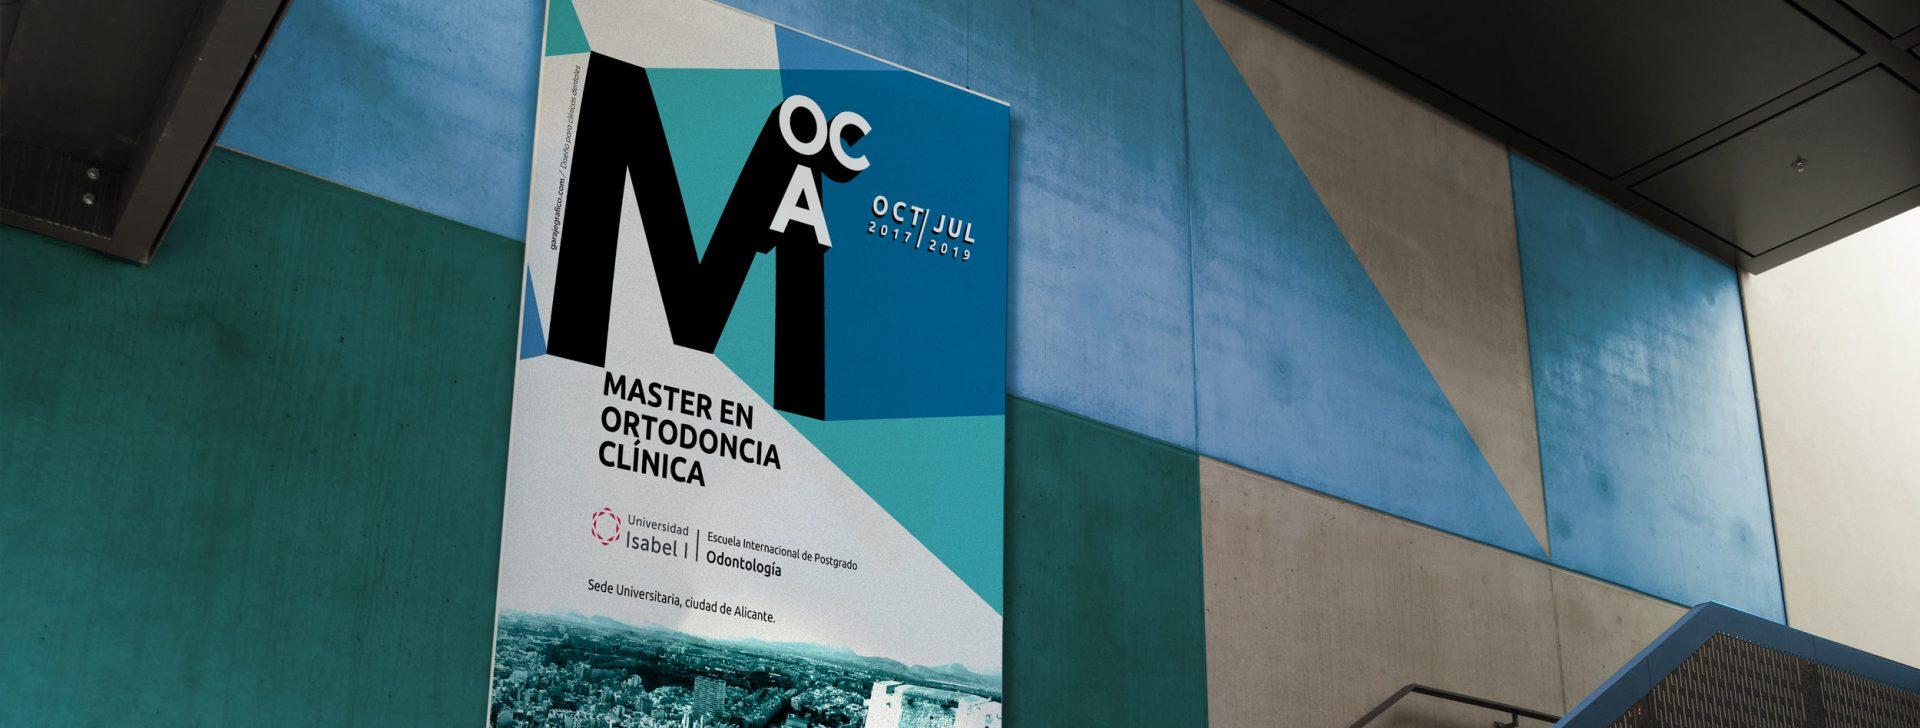 Imagen para Masters en Ortodoncia